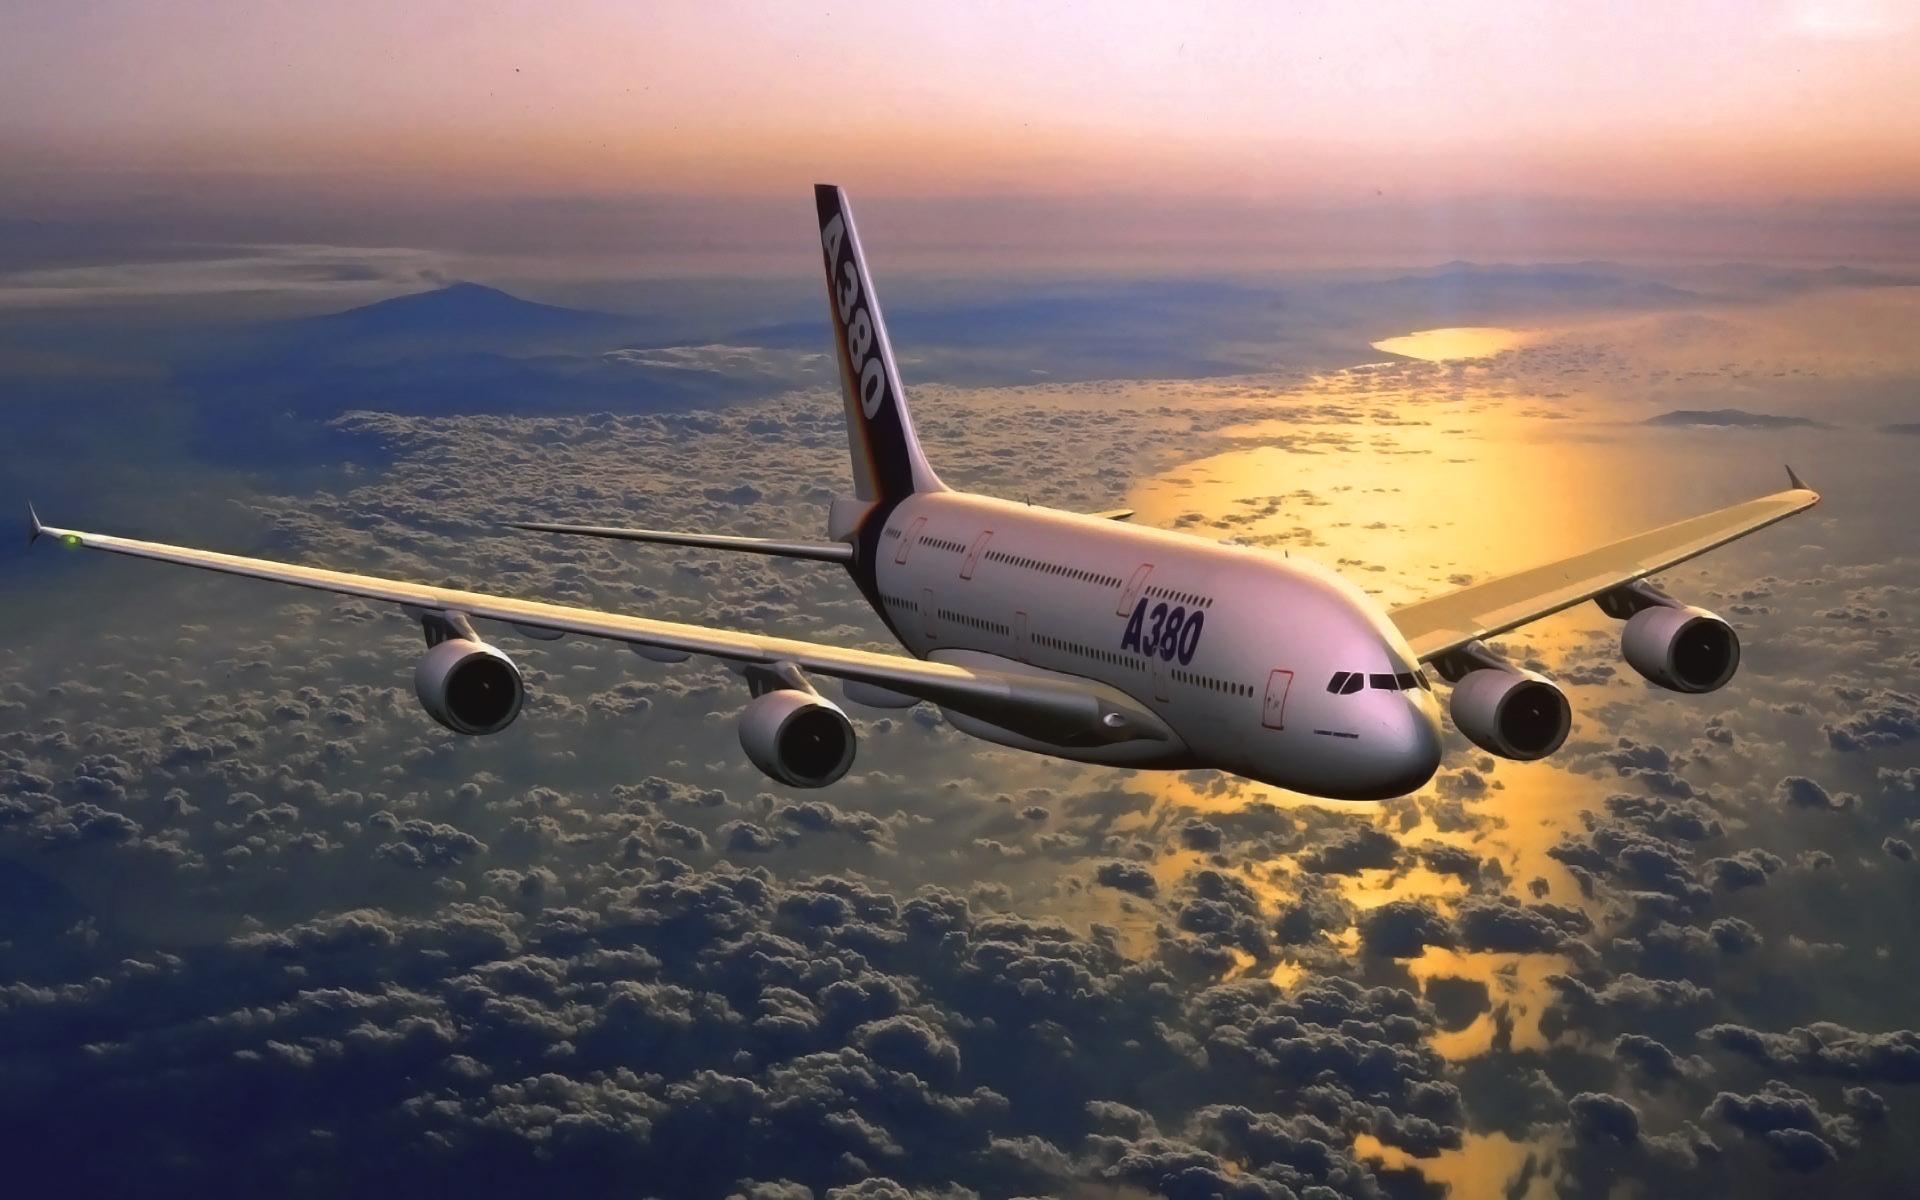 яблок фото самолетов в высоком качестве пассажирские поселка высково